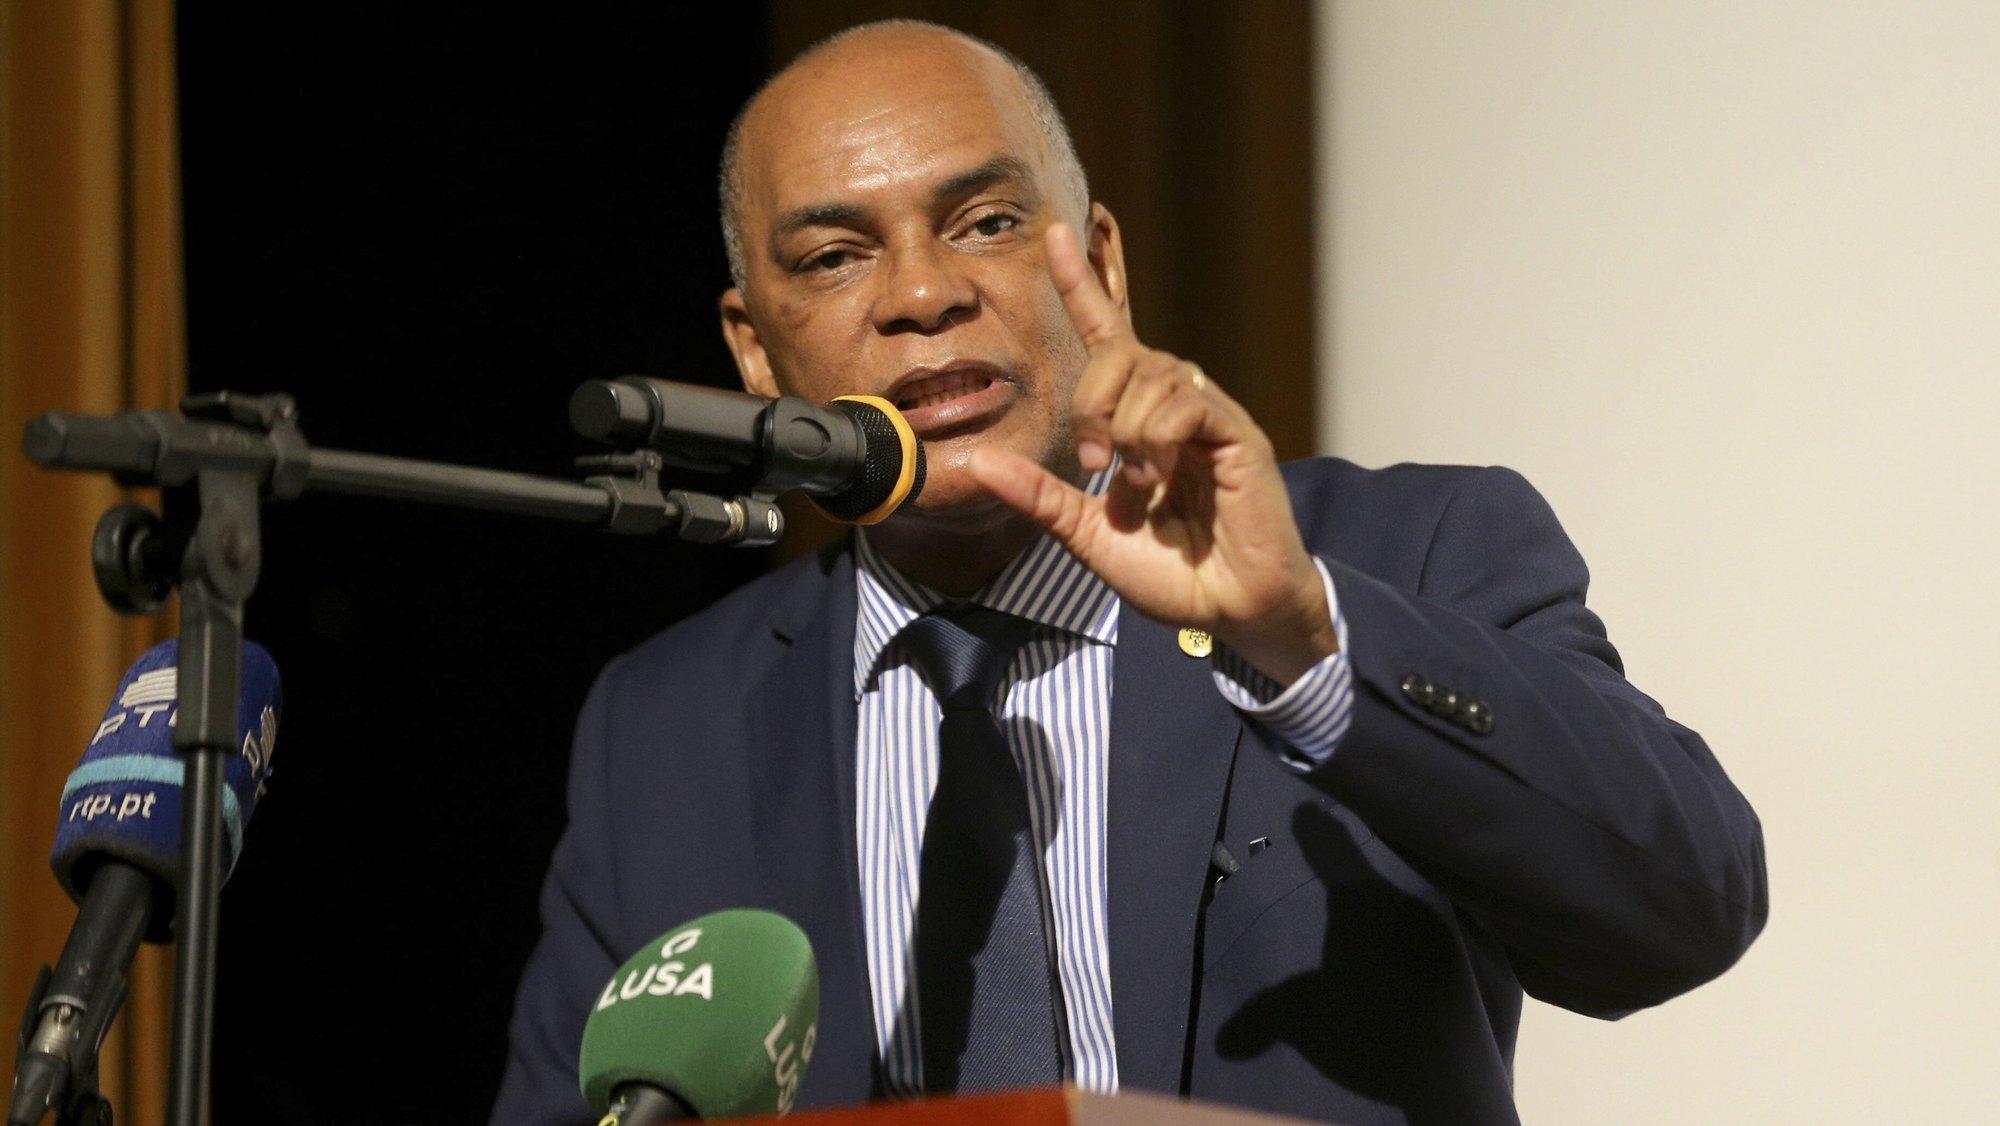 Adalberto Costa Junior, presidente da UNITA, discursa na conferência da Frente Patriótica Unida, Luanda, Angola, 5 de agosto de 2021. A Frente Patriótica Unida relizou este ato conjunto em que foi lida uma declaração política assinada pela UNITA, Bloco Democrático e PRA-JÁ Servir Angola. AMPE ROGÉRIO/LUSA